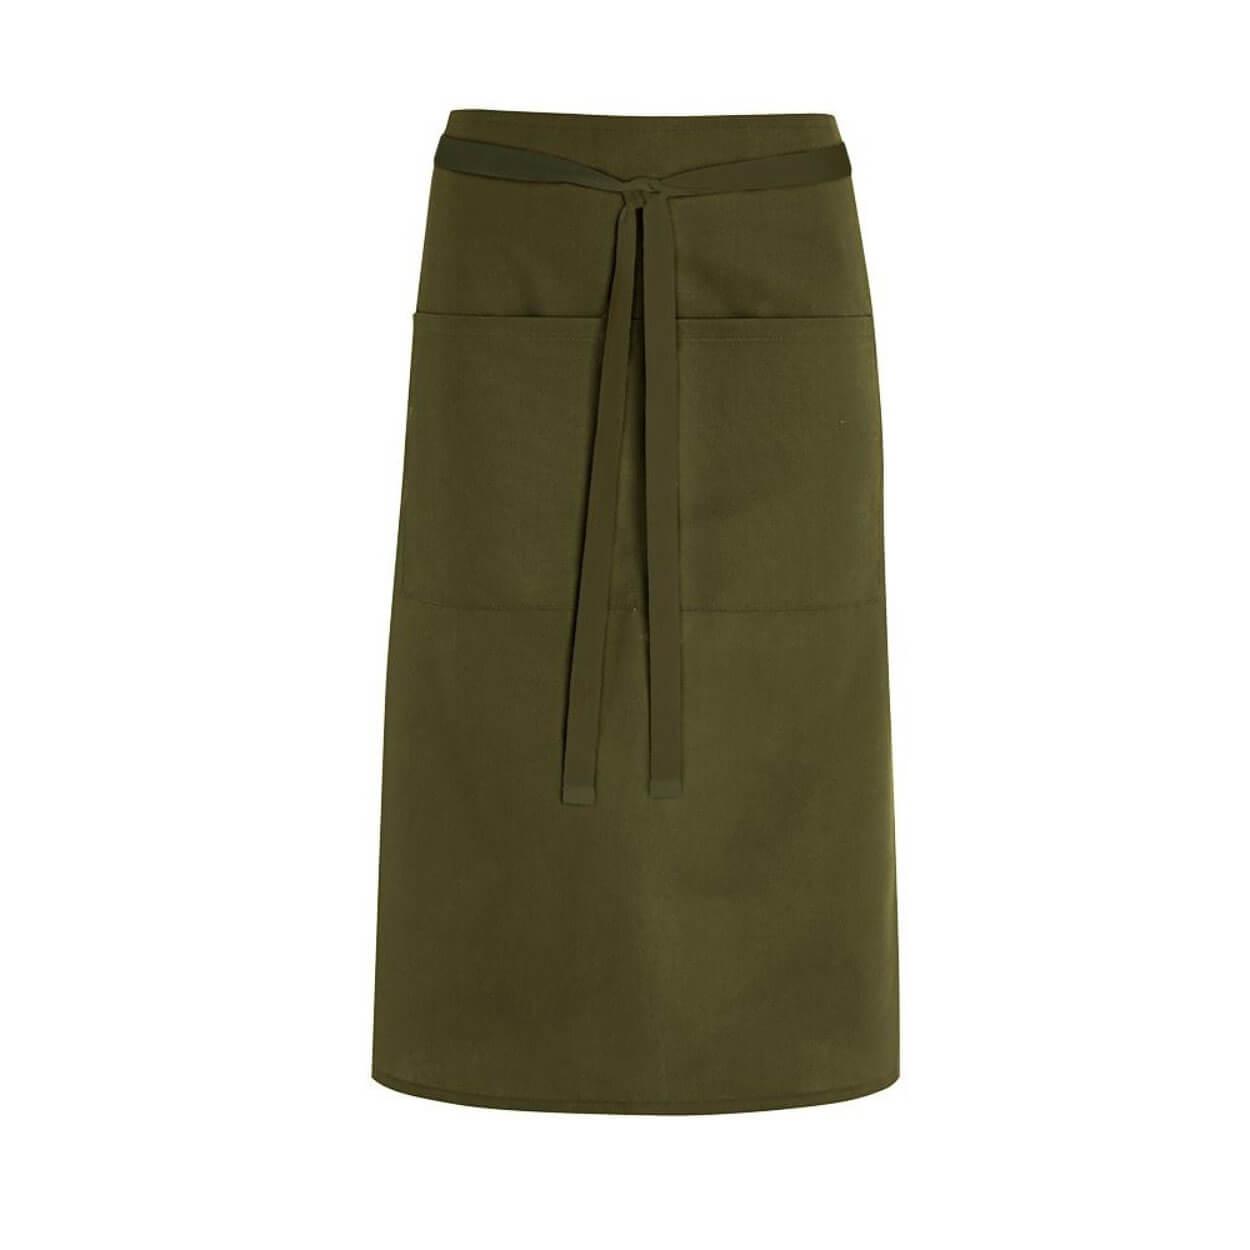 Μεσαίου Μήκους Ποδιά Με Τσέπη – 70cm